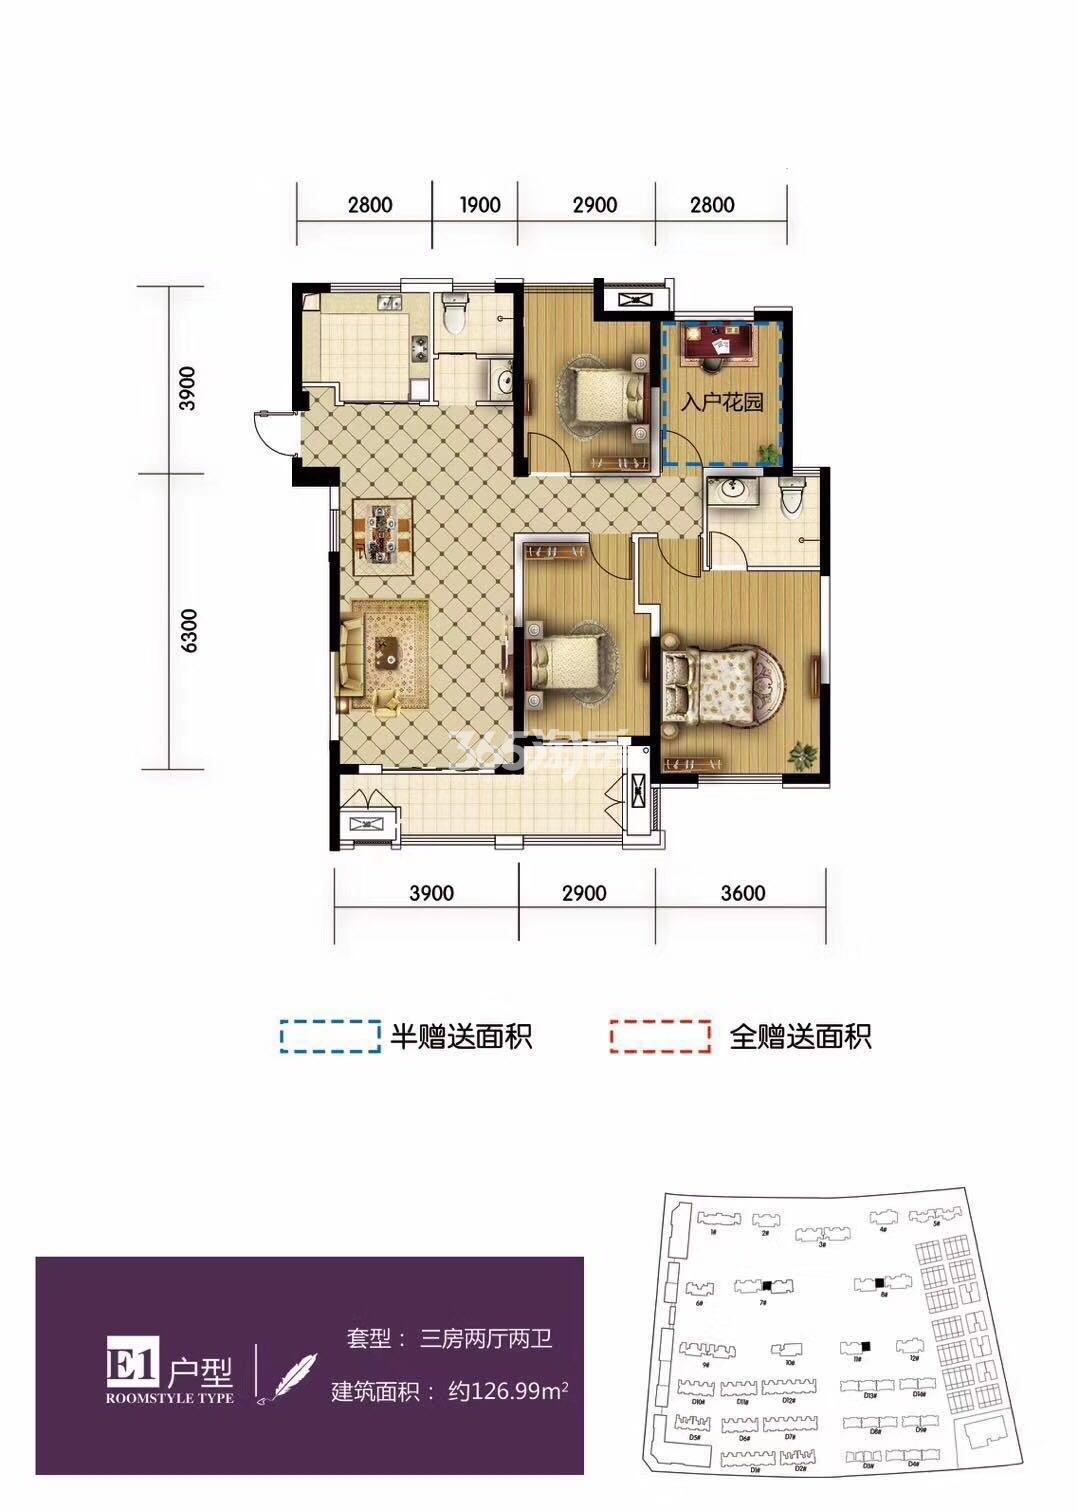 和顺东方花园127㎡三室两厅户型图